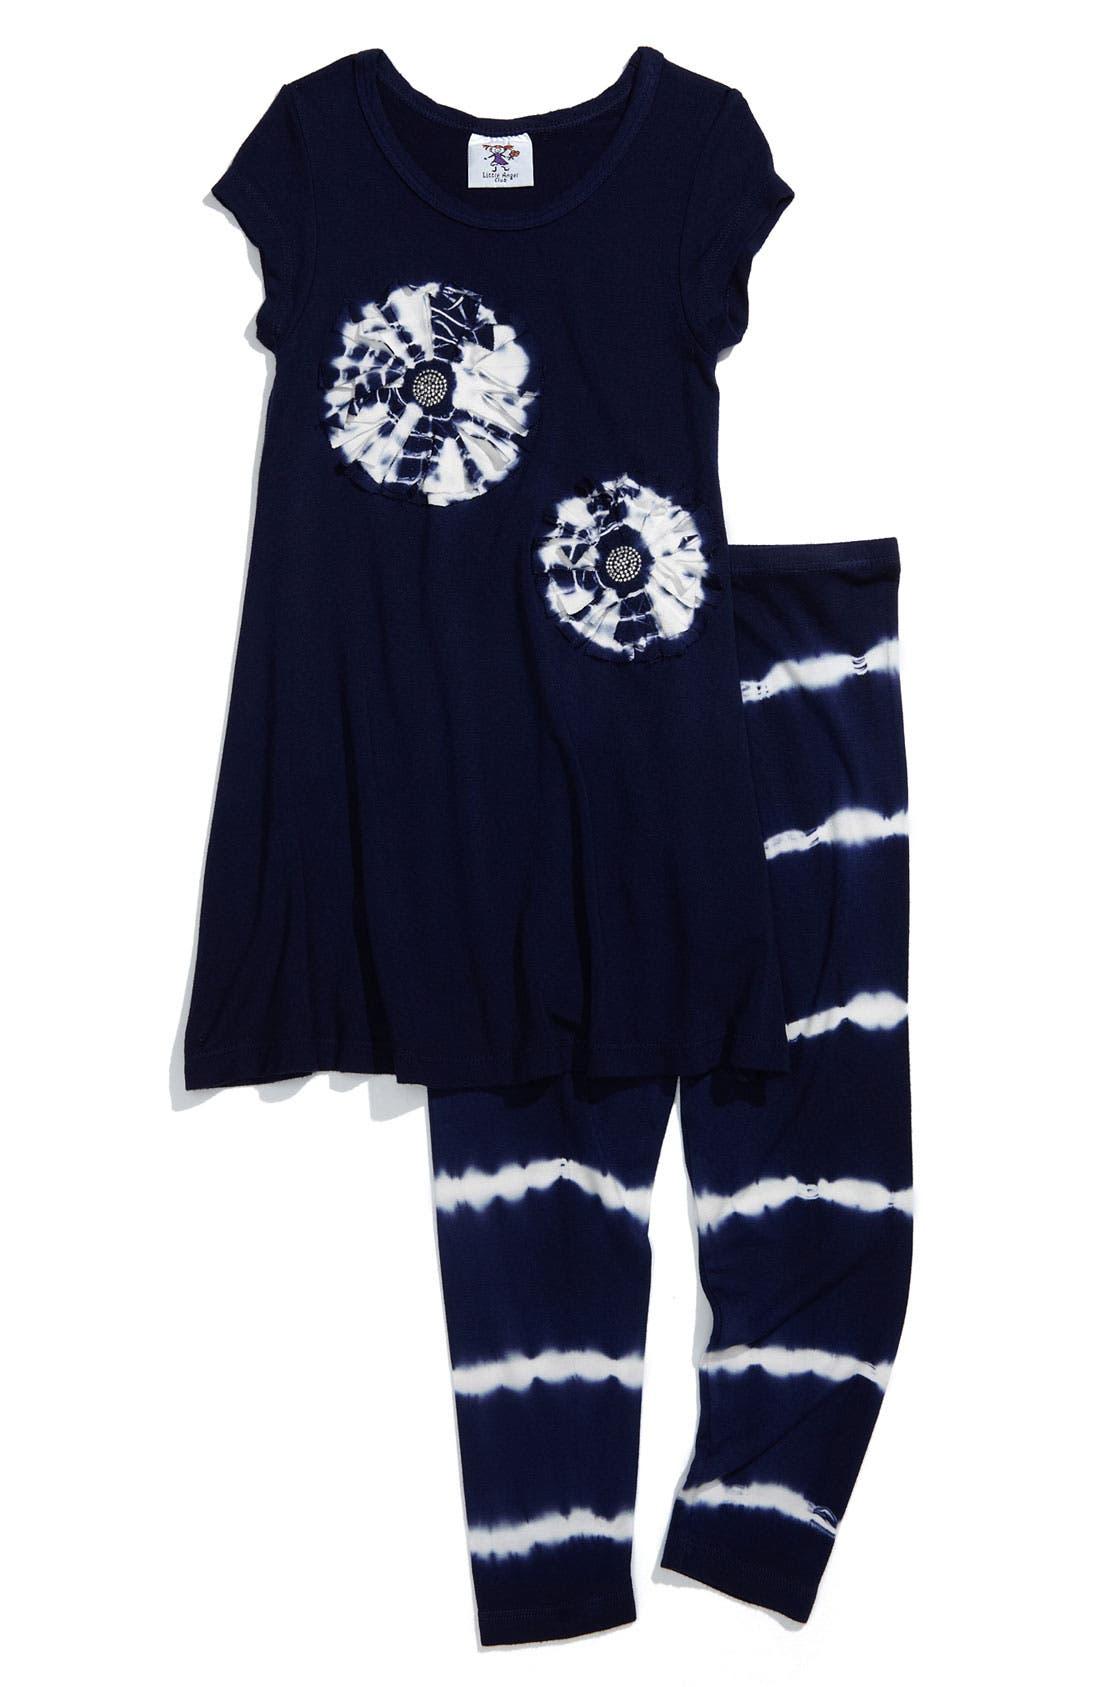 Main Image - Mignone 'Flyaway Flower' Tunic & Leggings Set (Toddler)